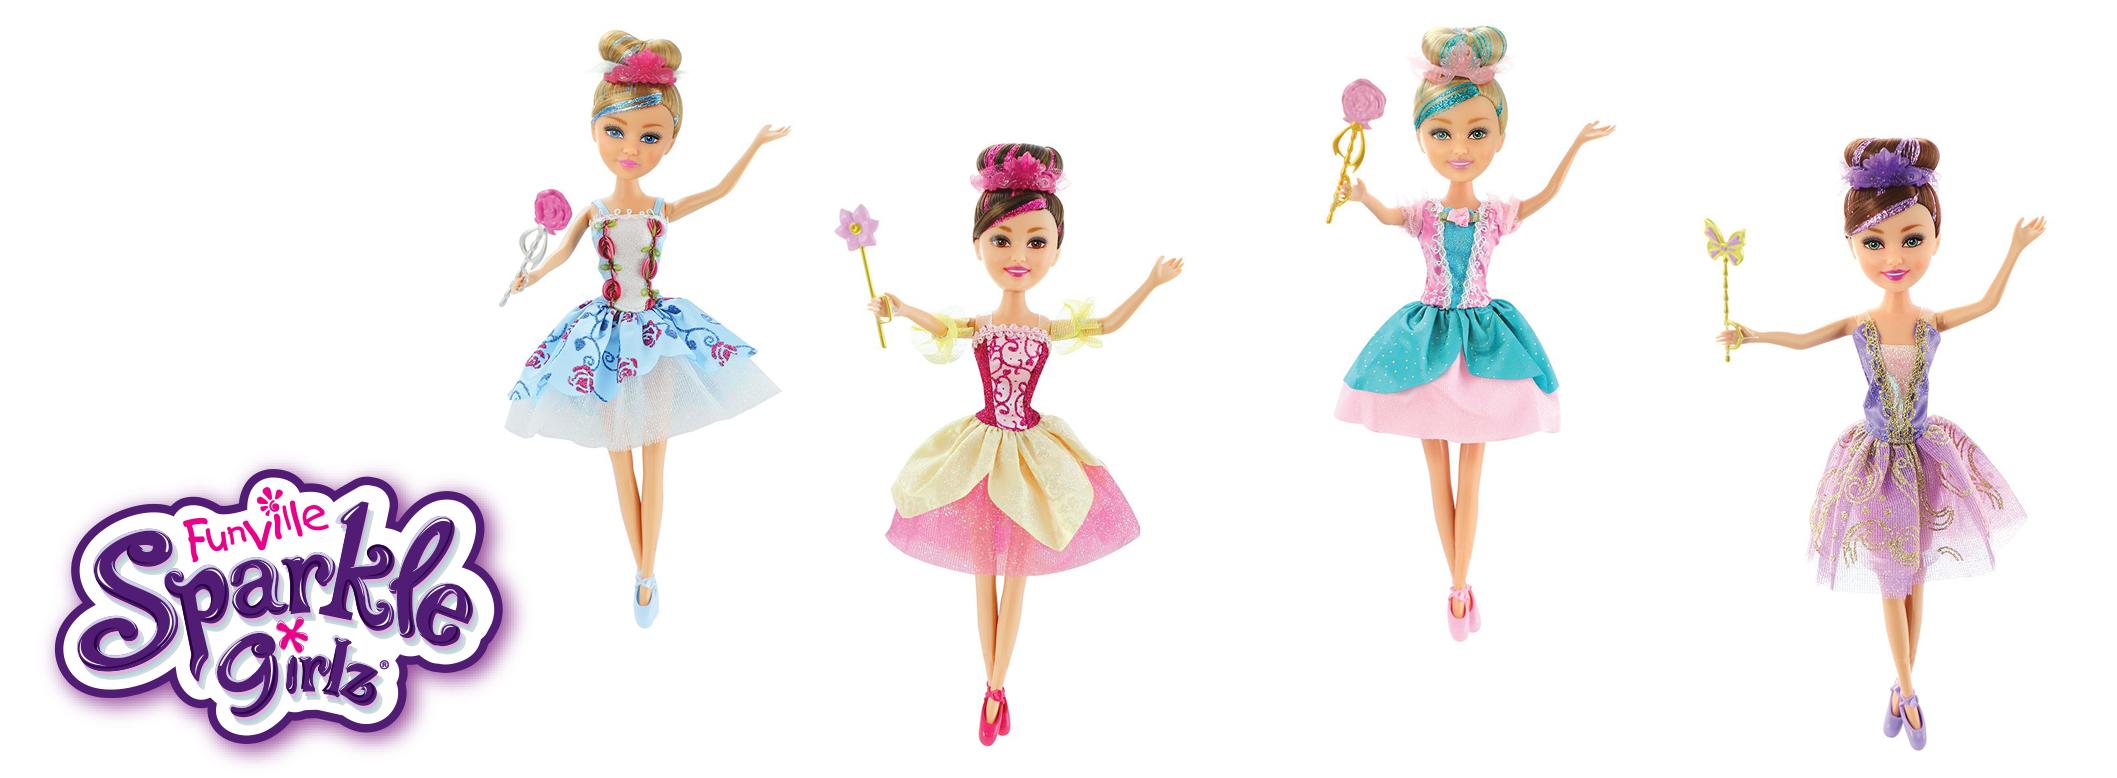 Кукла Балерина Sparkle Girlz - Super Sparkly, 27 cm